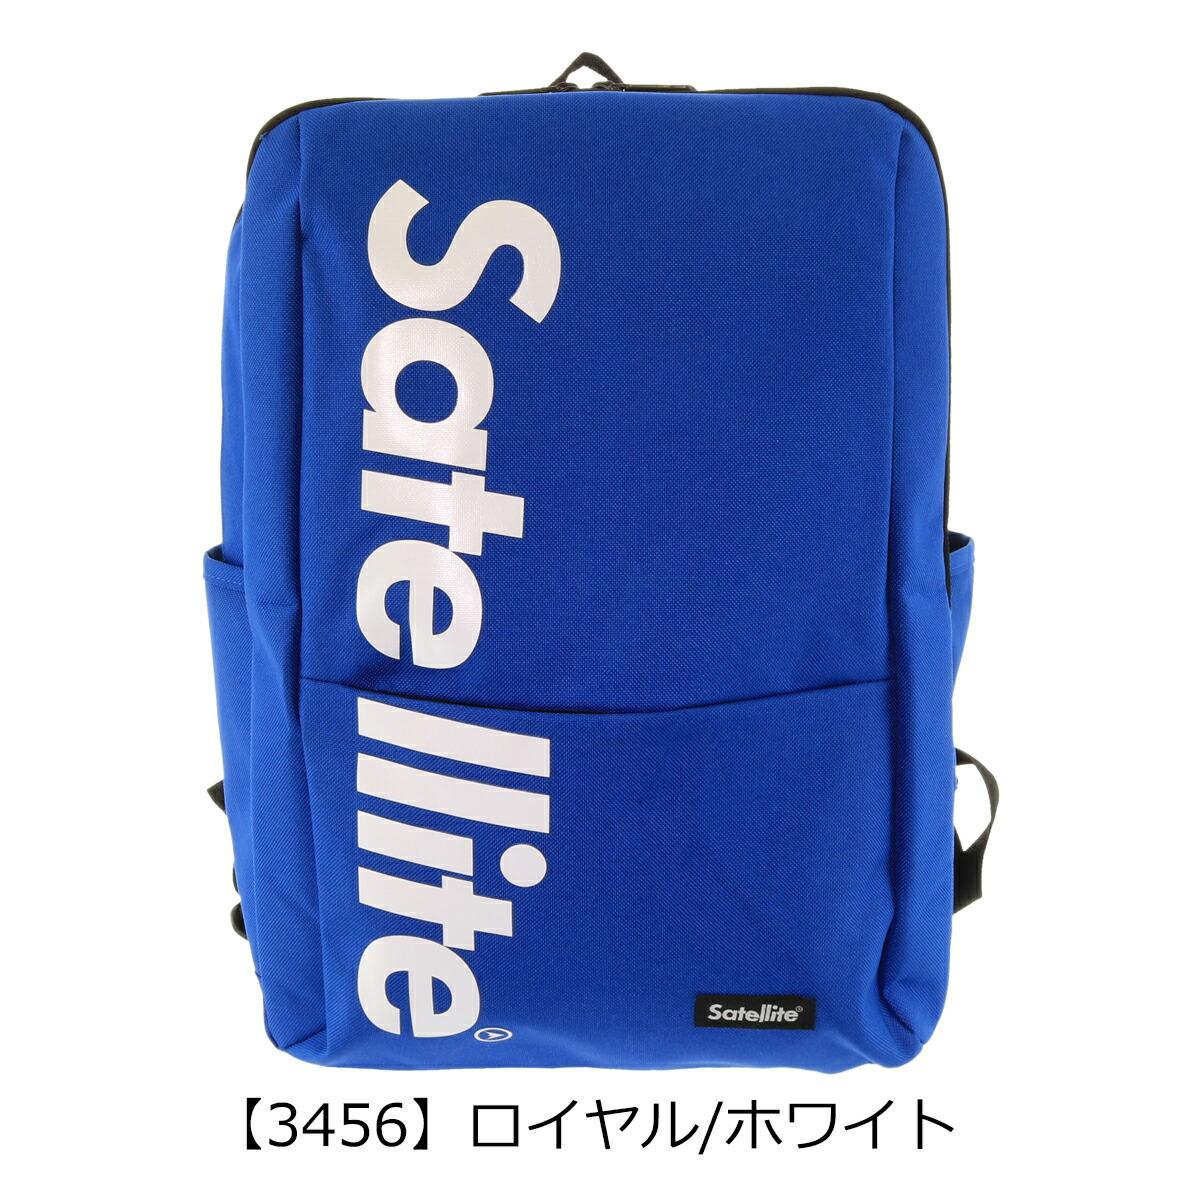 【3456】ロイヤル/ホワイト